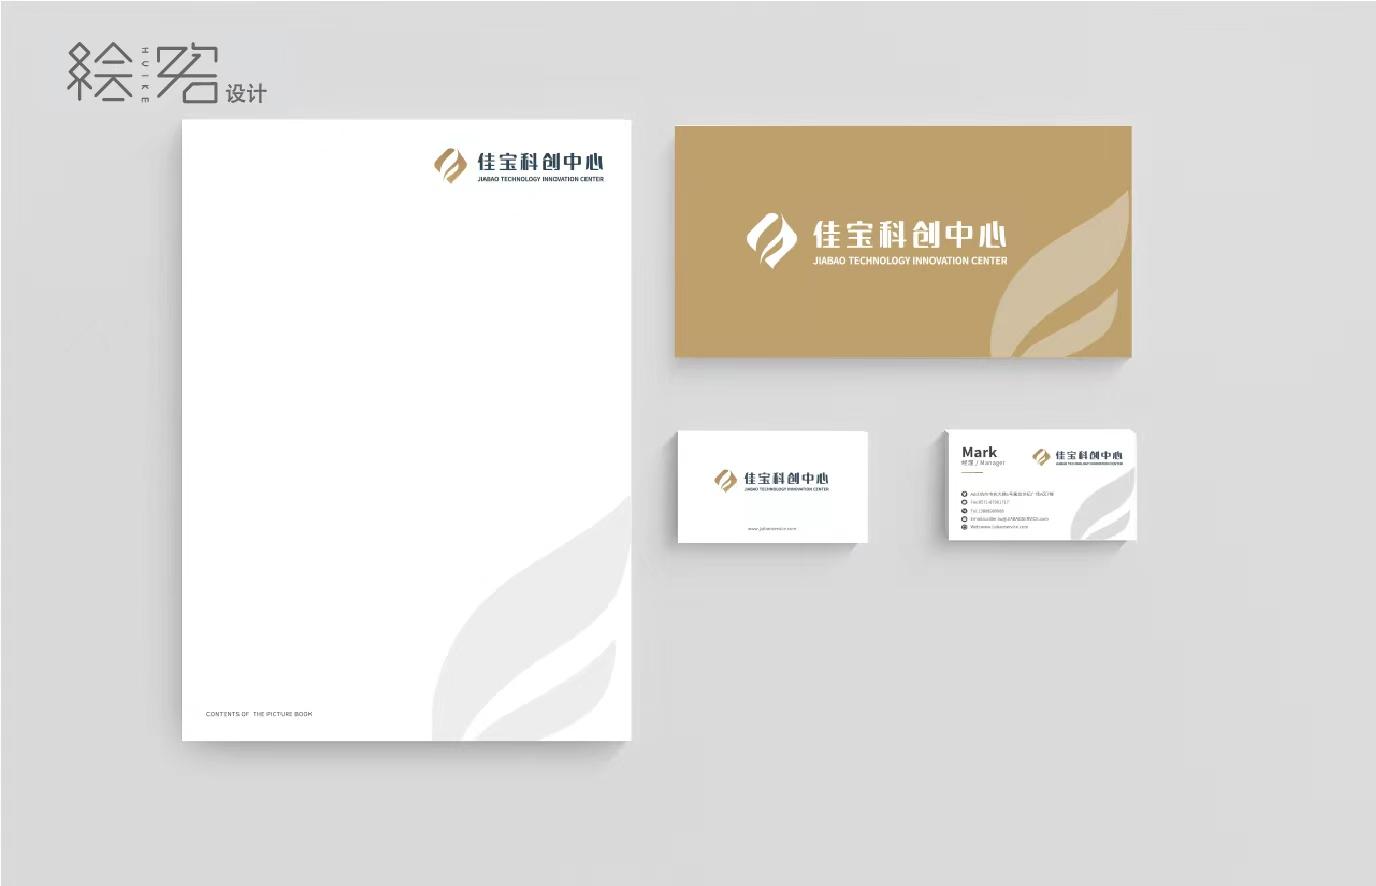 地产vi手册设计代做品牌形象ci设计民宿招牌展板设计品牌全案